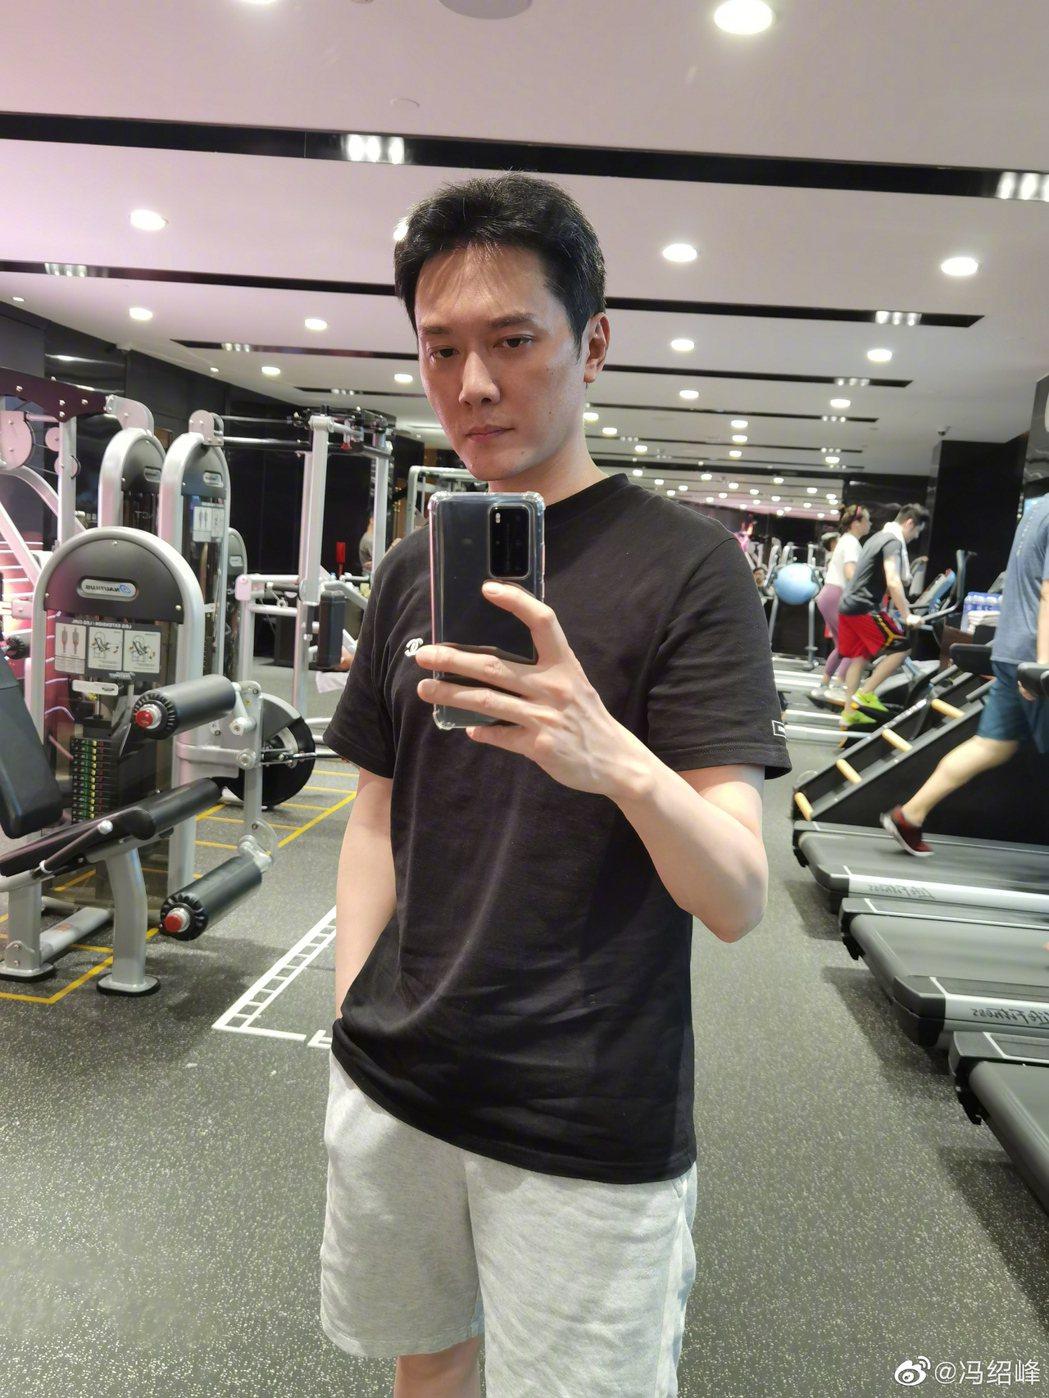 馮紹峰曬出健身照片。圖/擷自微博